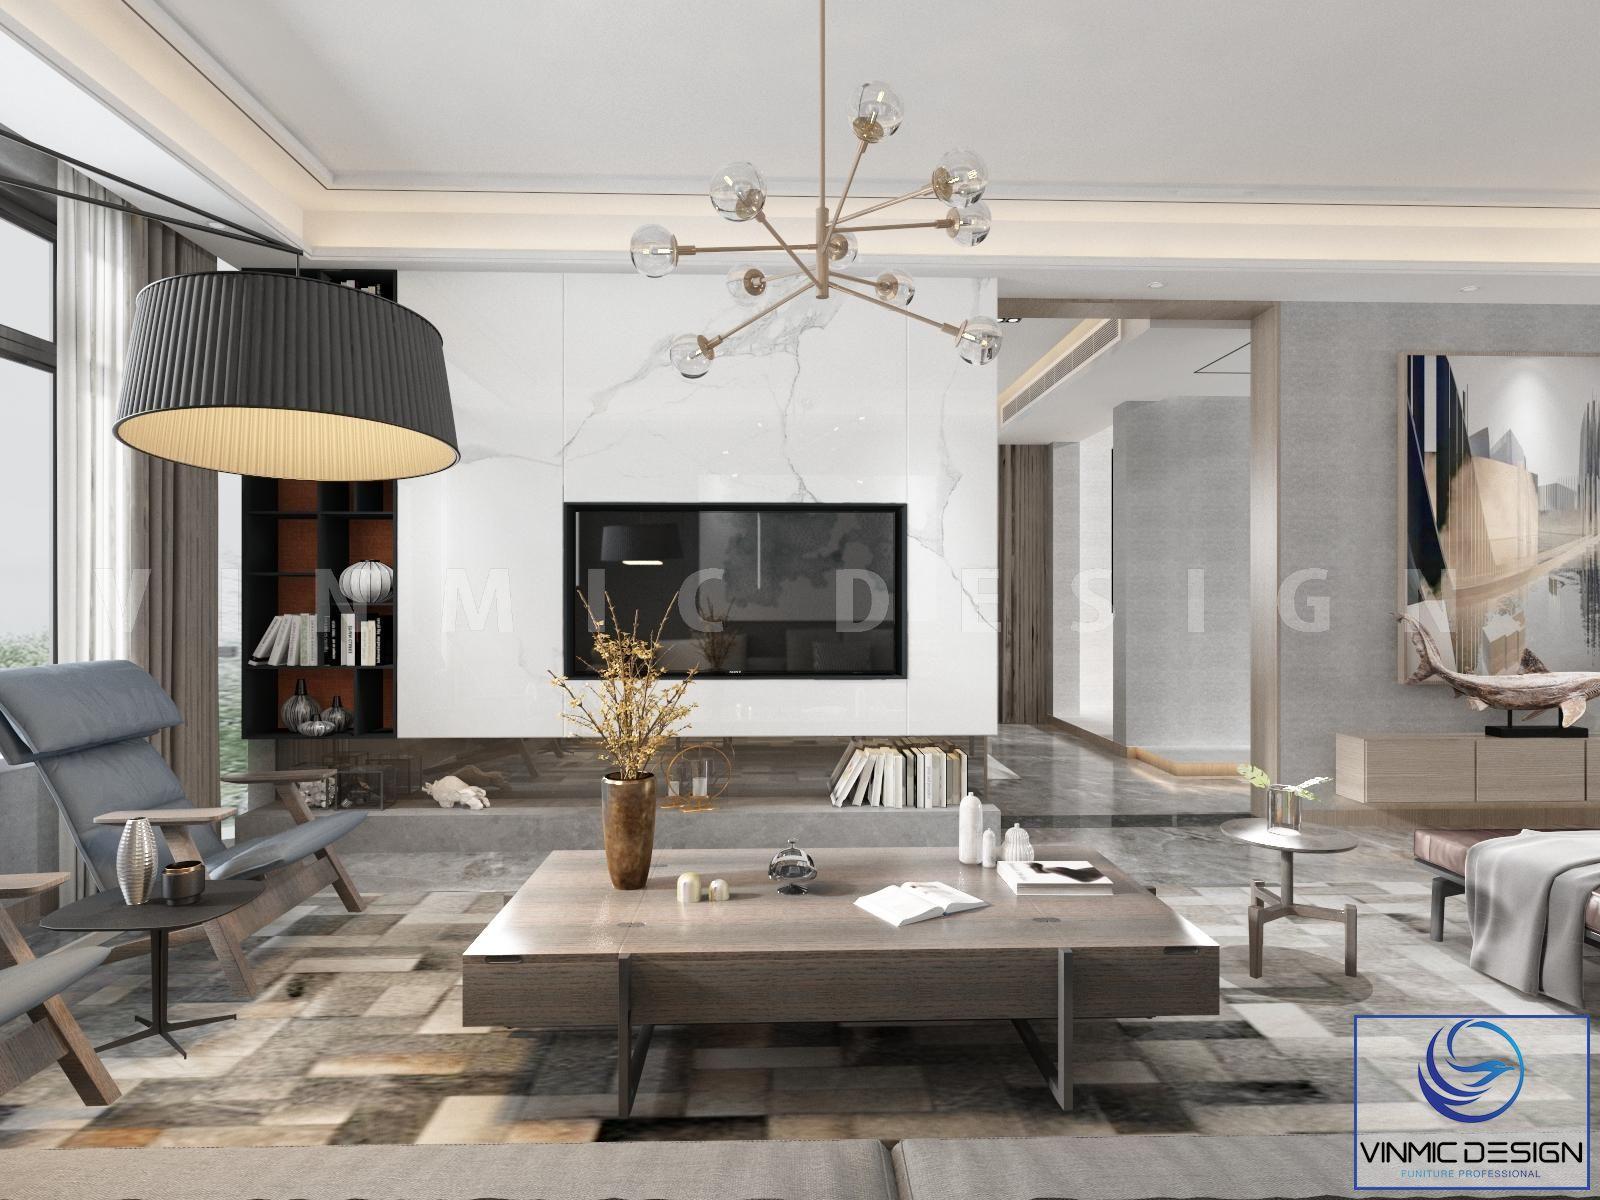 Thiết kế phòng khách với bộ bàn ghế làm điểm nhấn